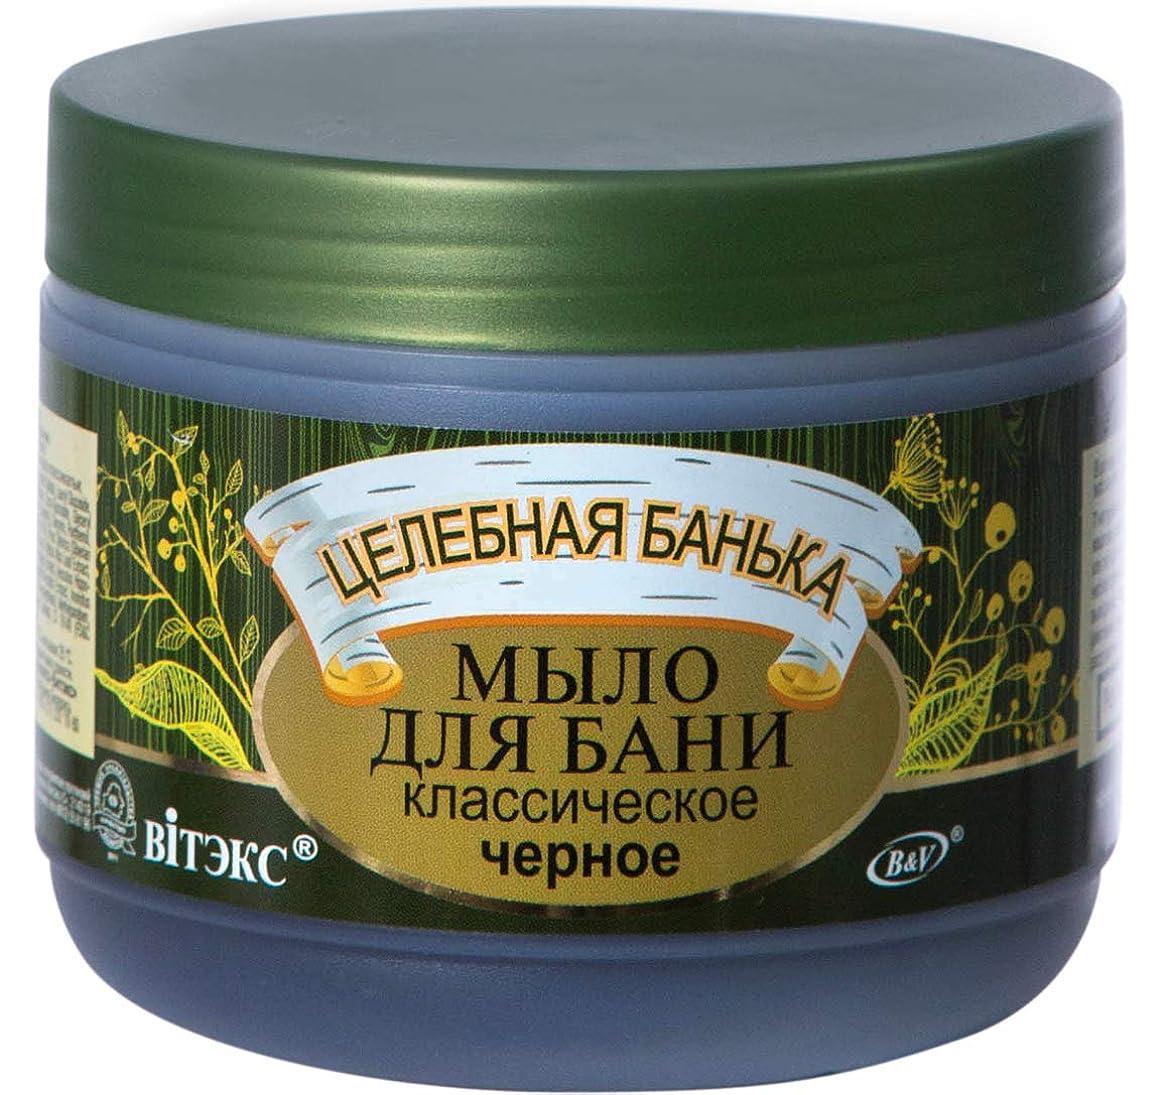 拘束する人類ショッピングセンターBIELITA & VITEX | Healing Bath | Classic Black Soap with 7 Natural Extracts